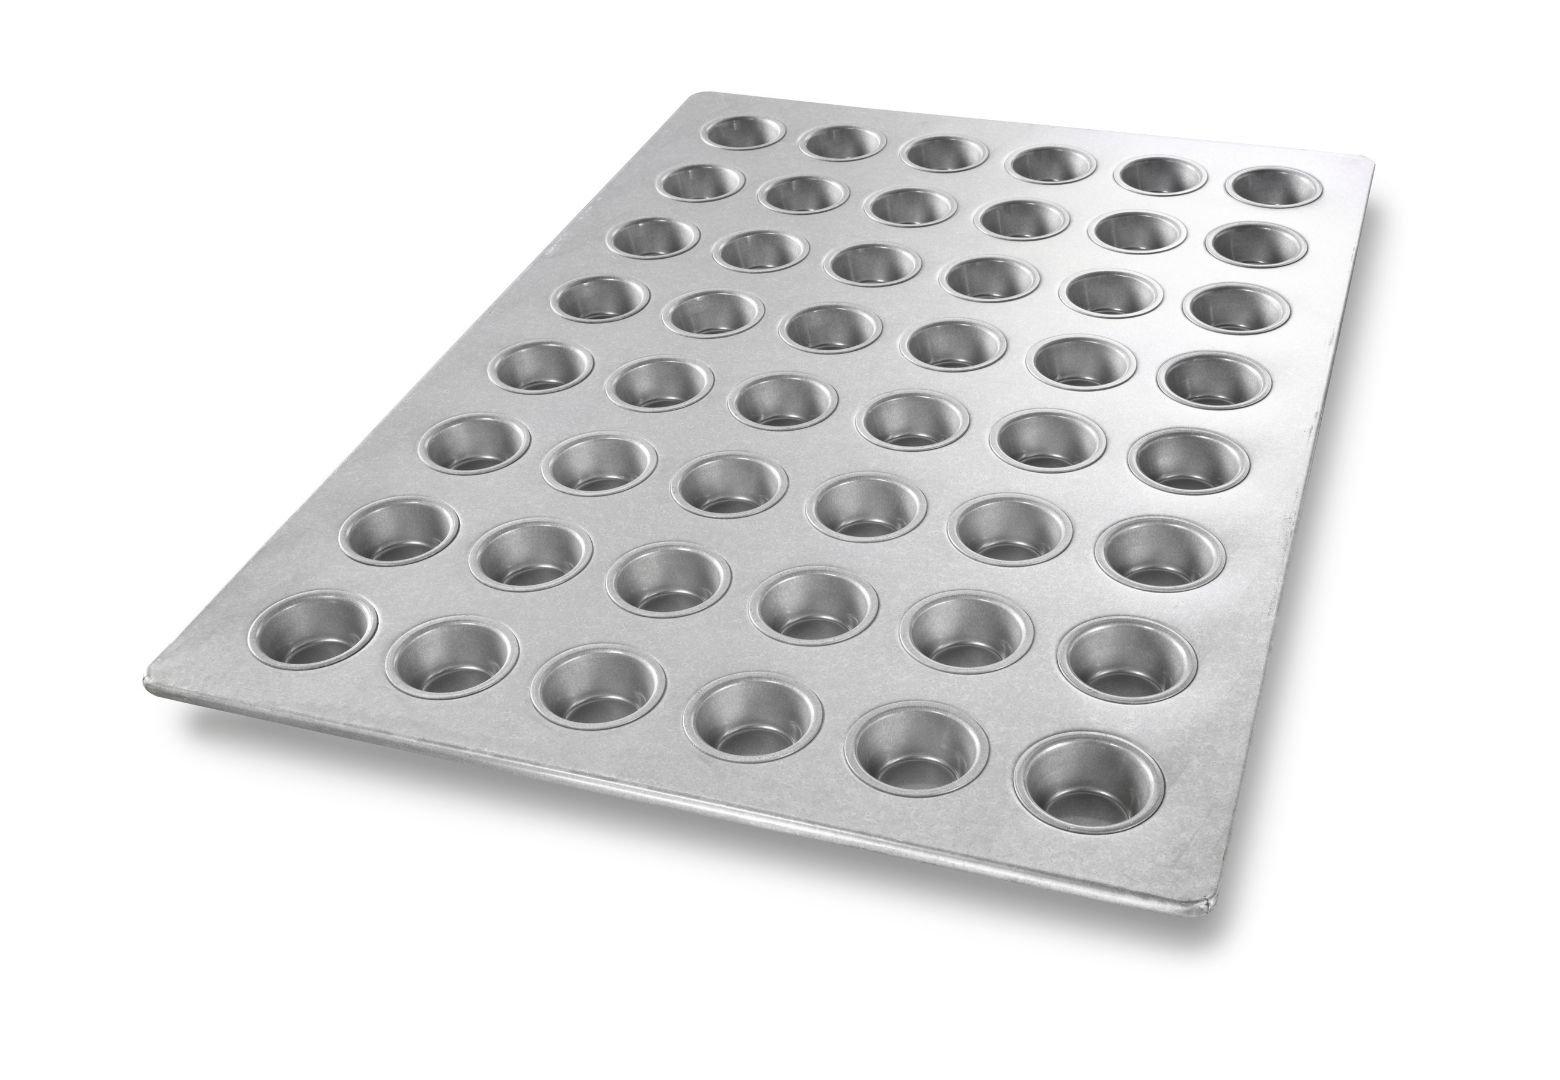 MINI-MUFFIN PAN